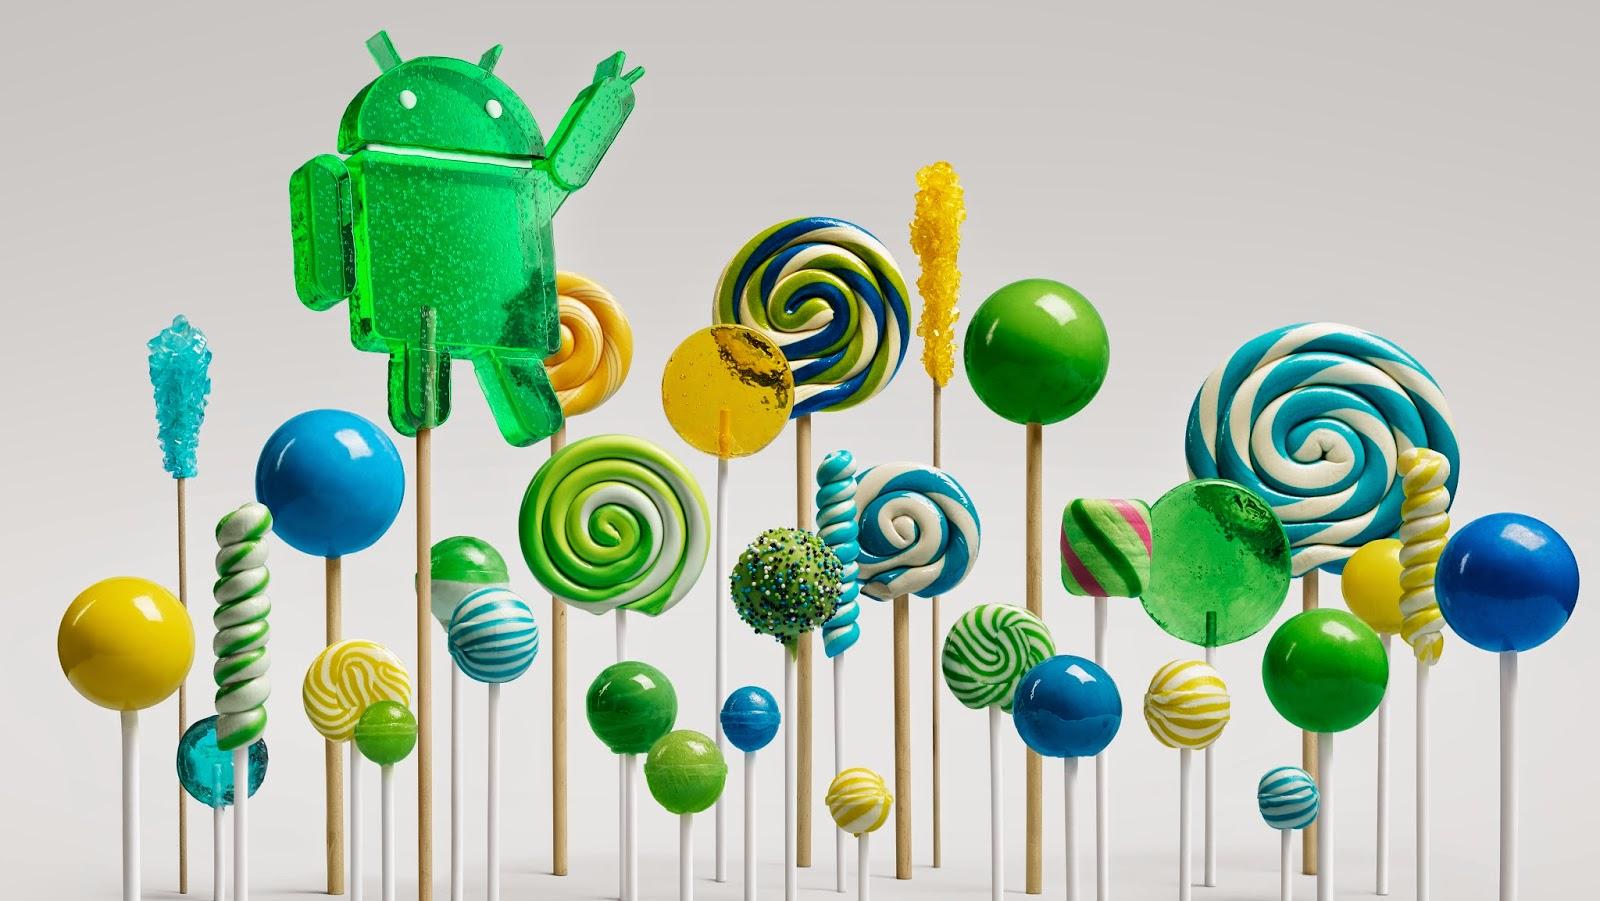 速報:グーグルがAndroid 5.0を公式発表。コードネームはロリポップ(Lollipop)に